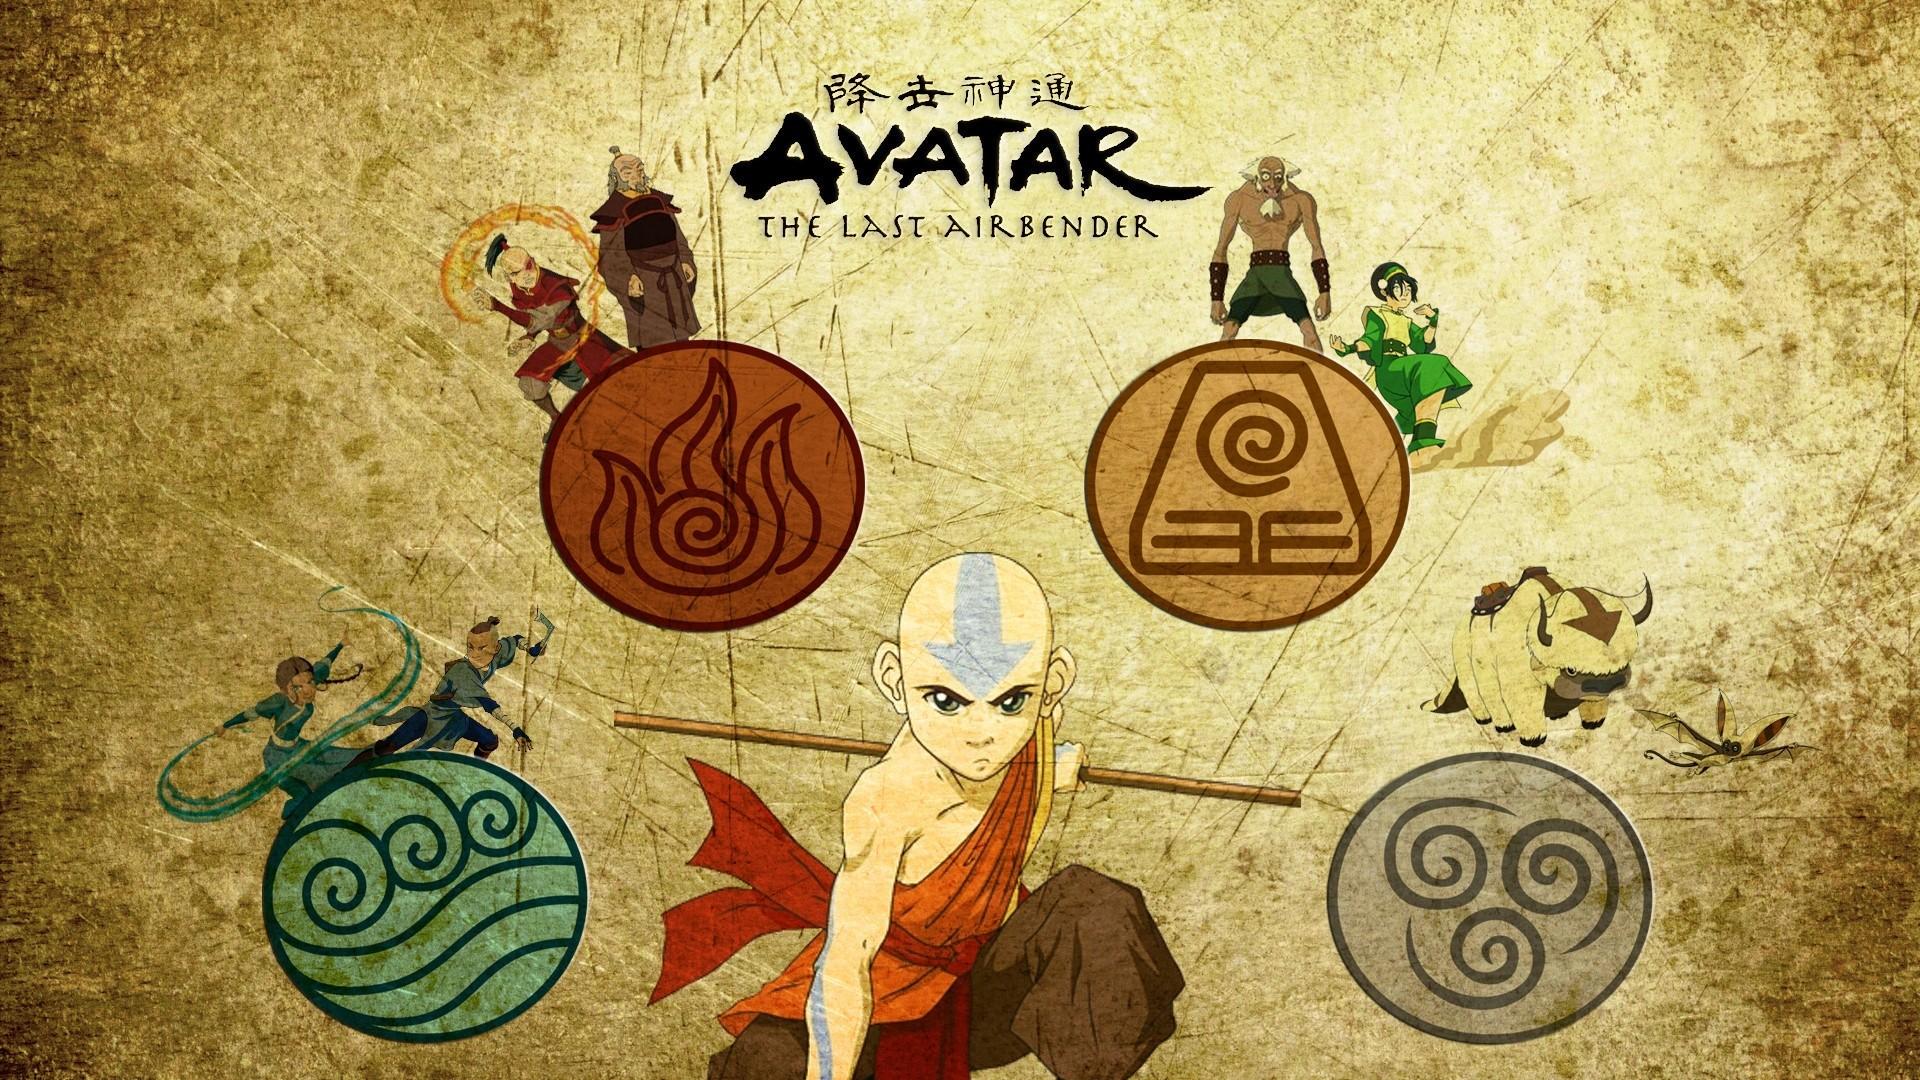 Aang Wallpaper for pc